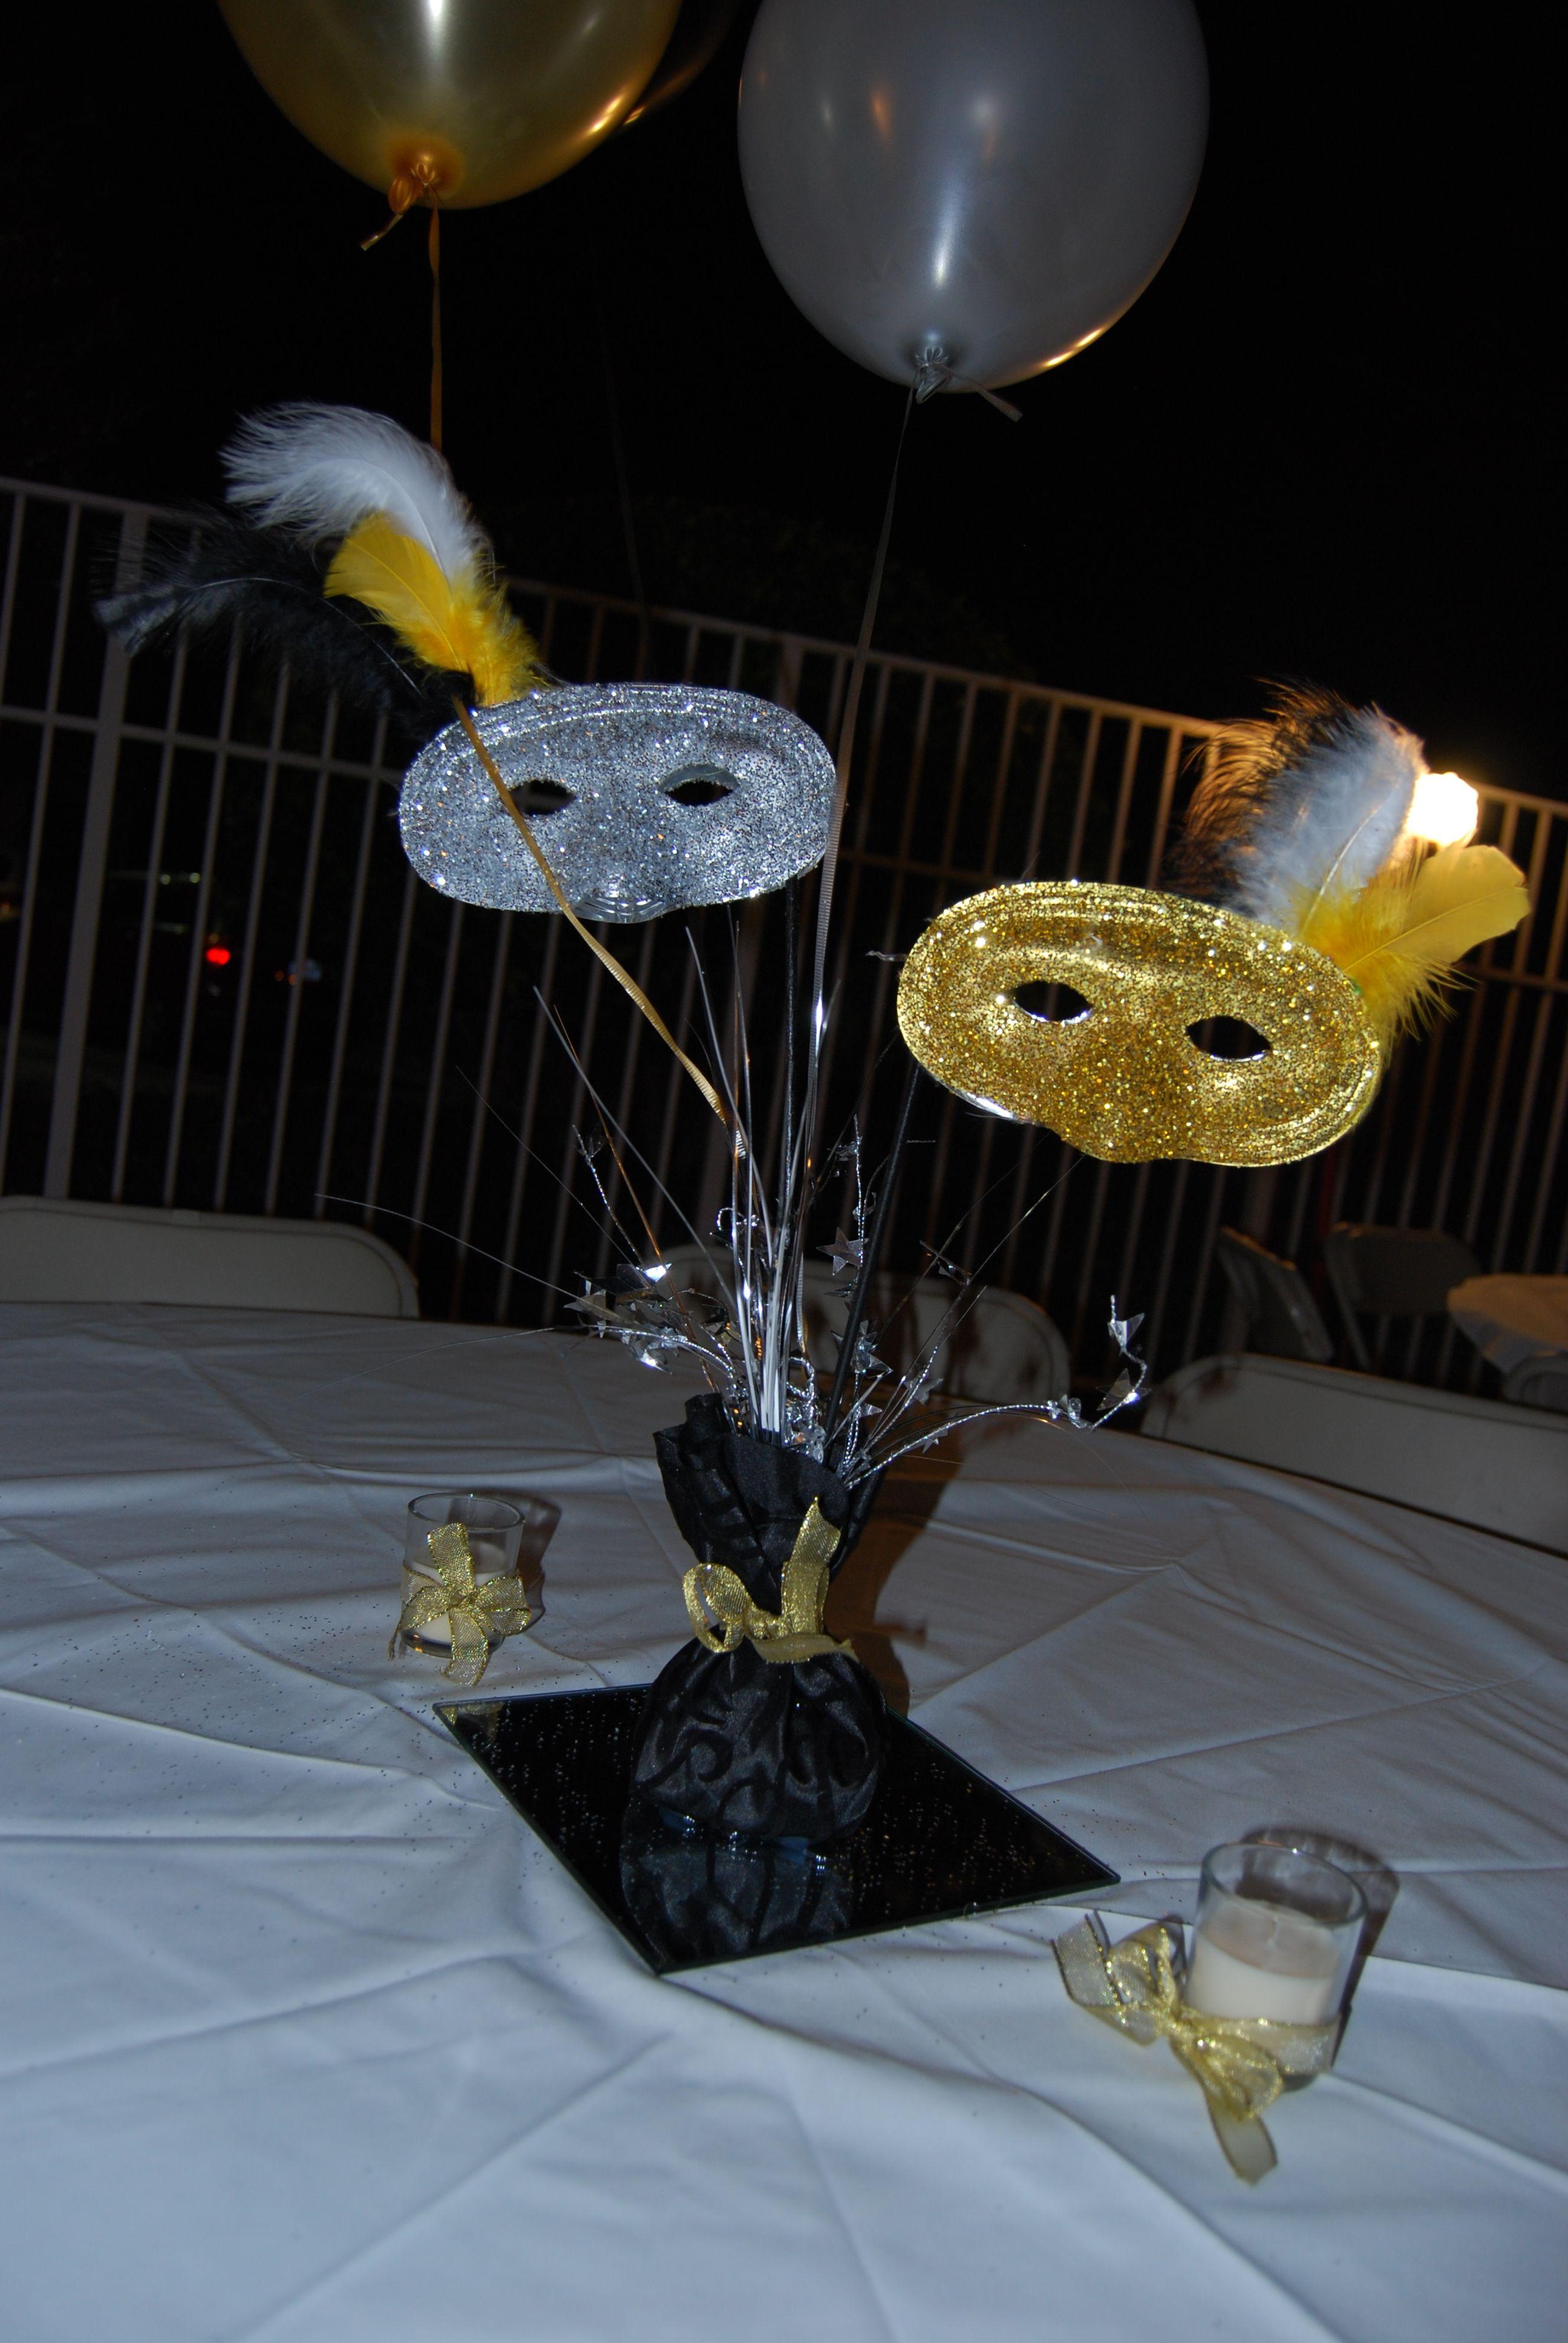 non floral centerpieces recipes to cook masquerade party rh pinterest com masquerade ball table decoration ideas